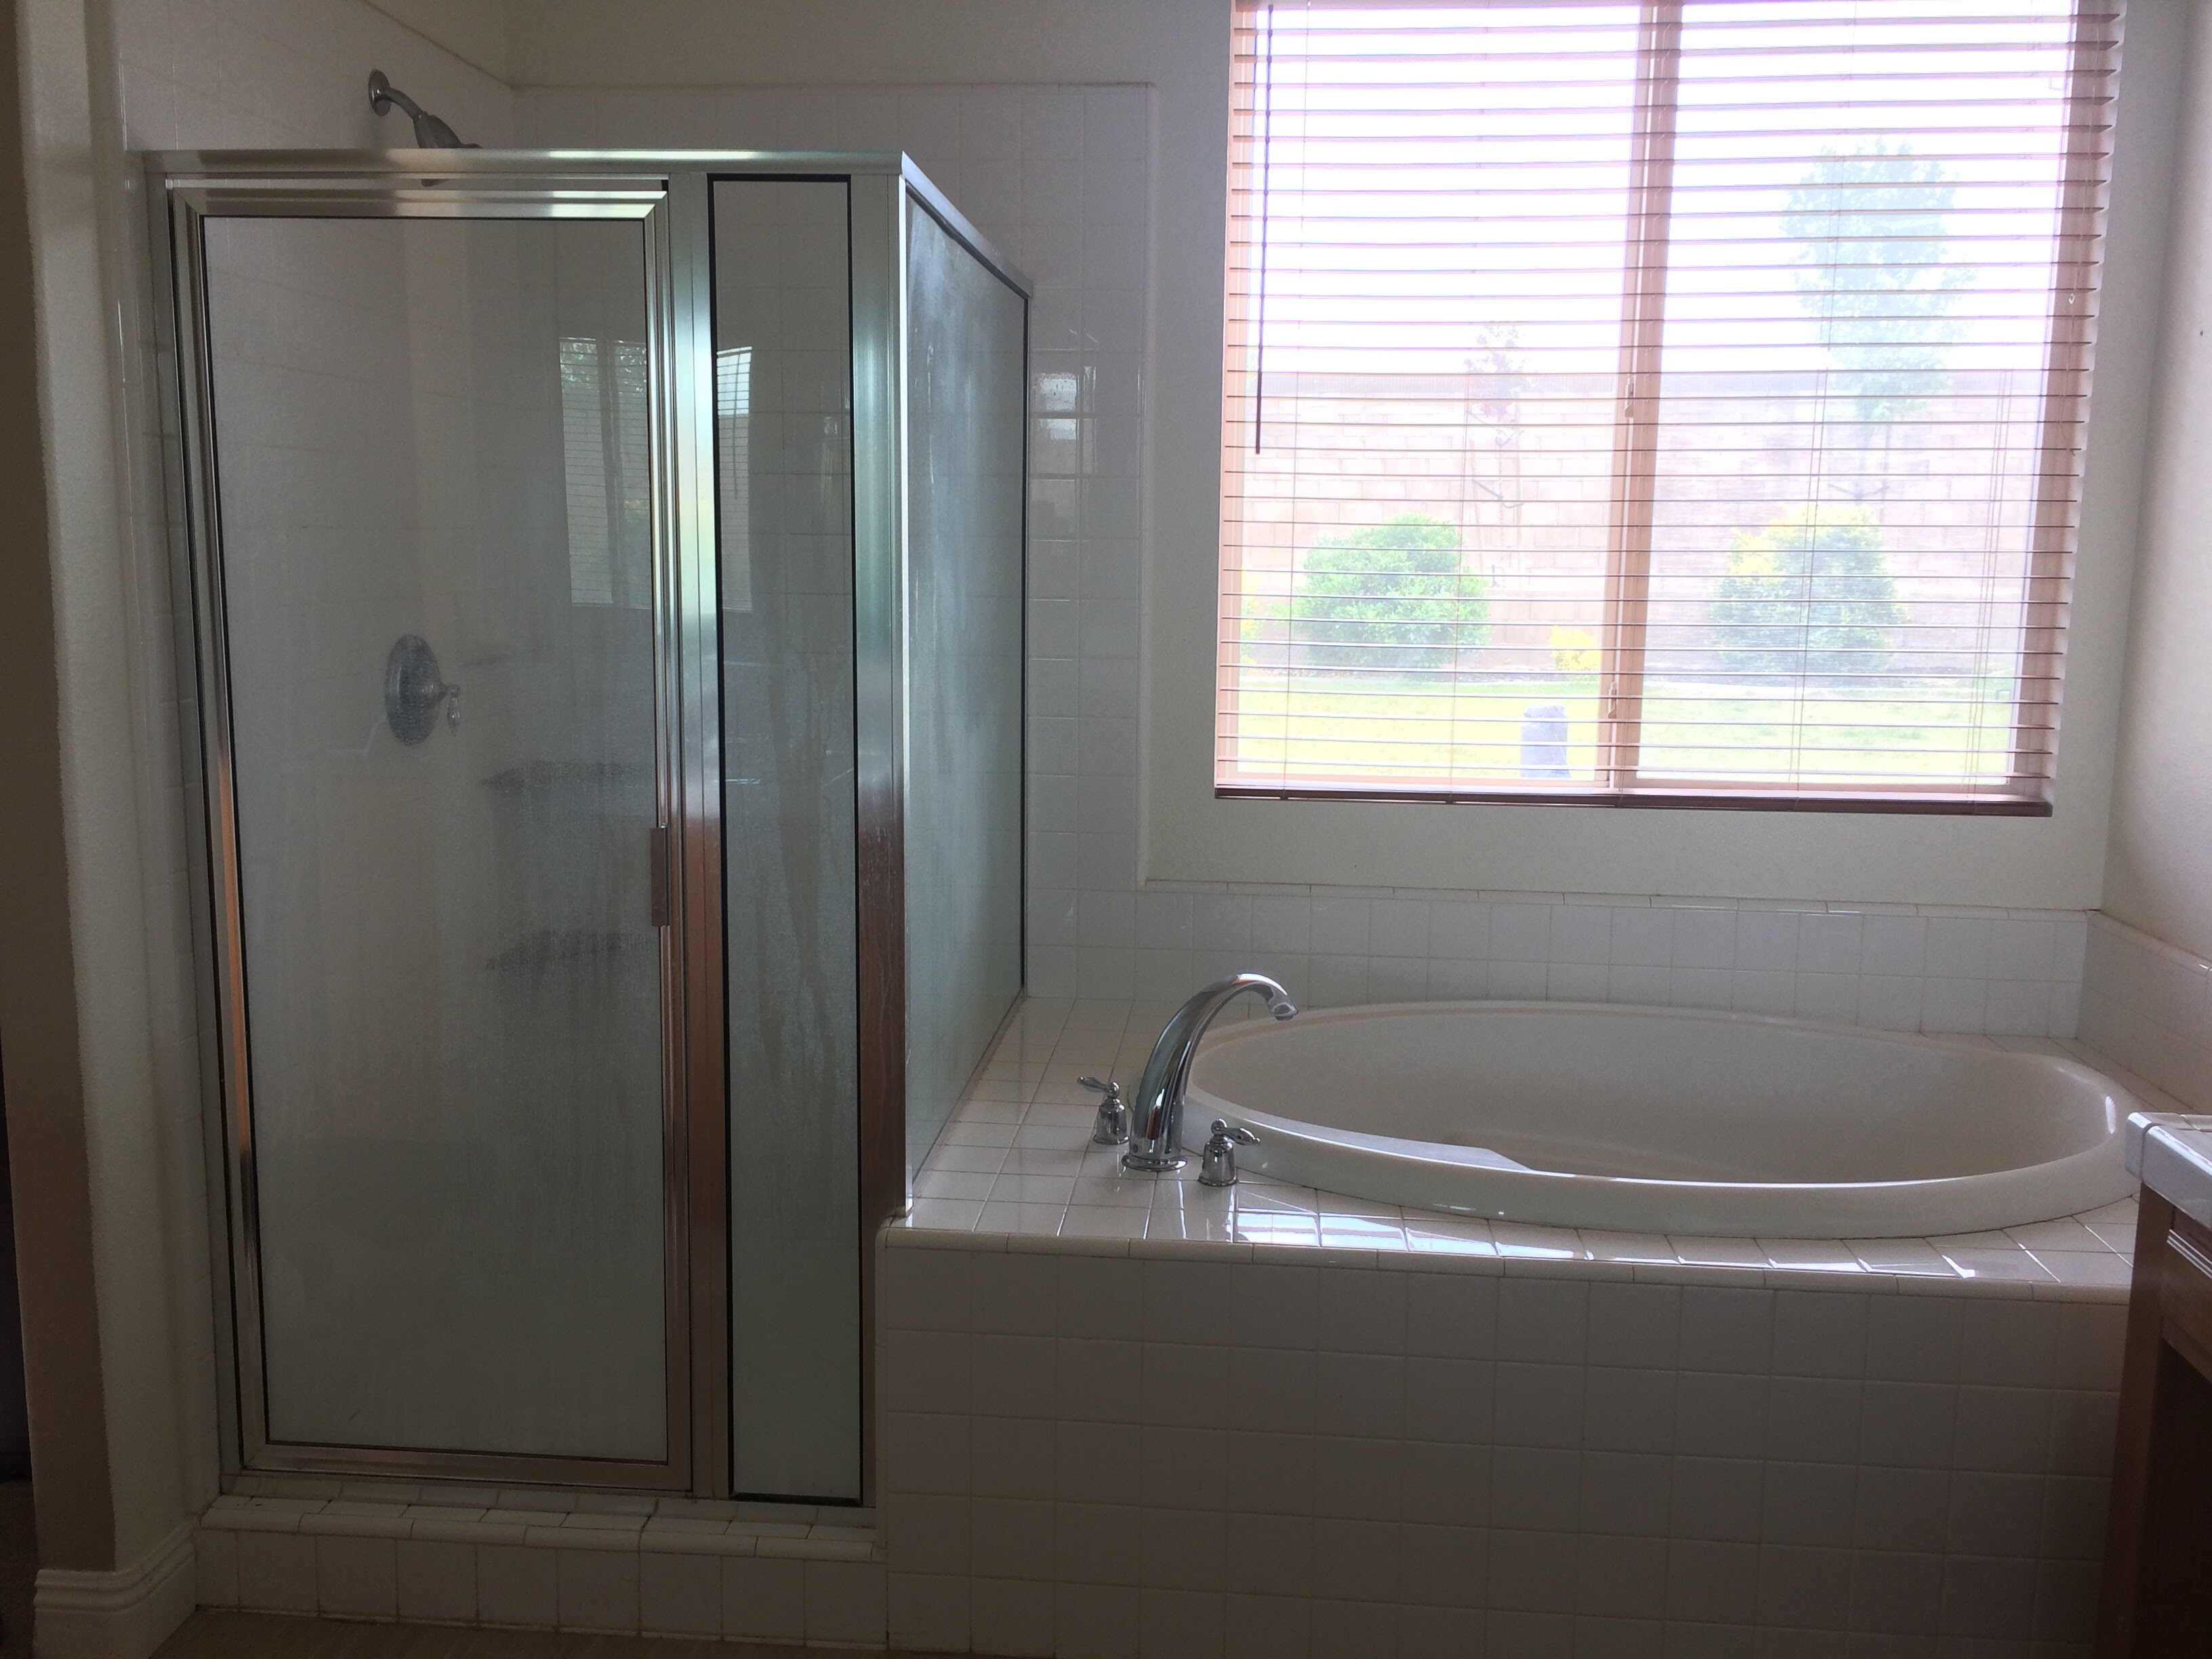 Shower_20Tub_201